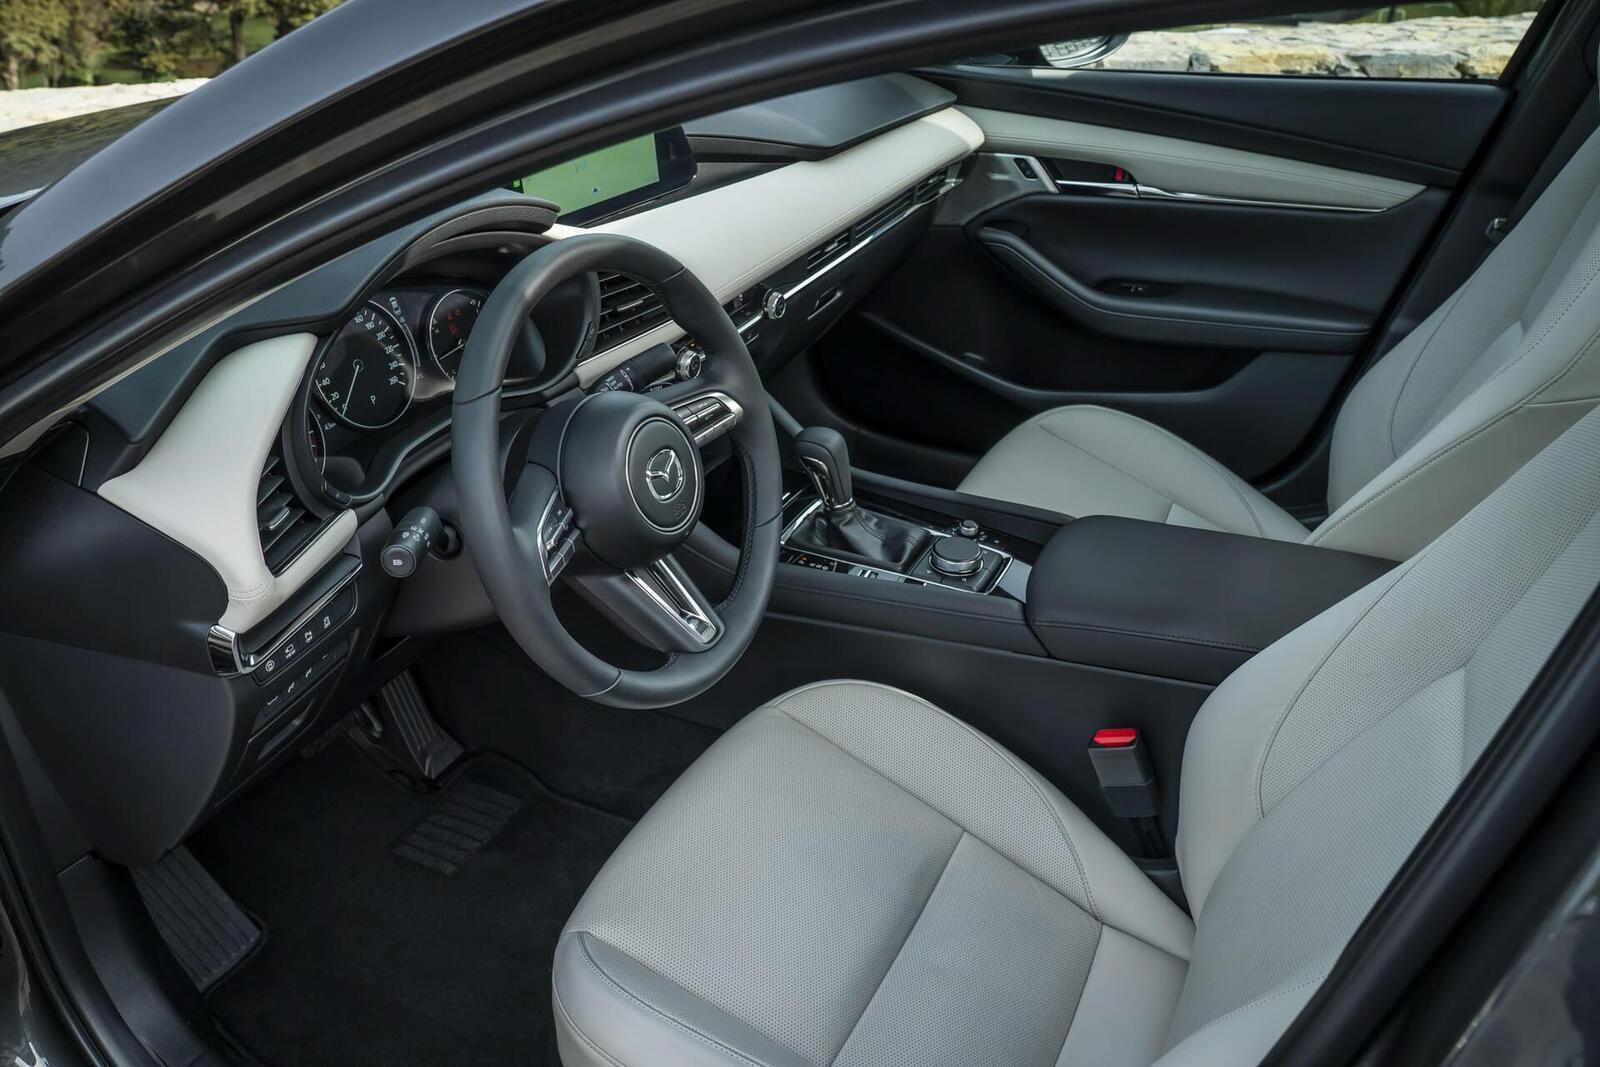 Mazda3 thế hệ mới chốt lịch ra mắt tại Malaysia vào tháng sau; giá dự kiến từ 764 triệu đồng - Hình 7